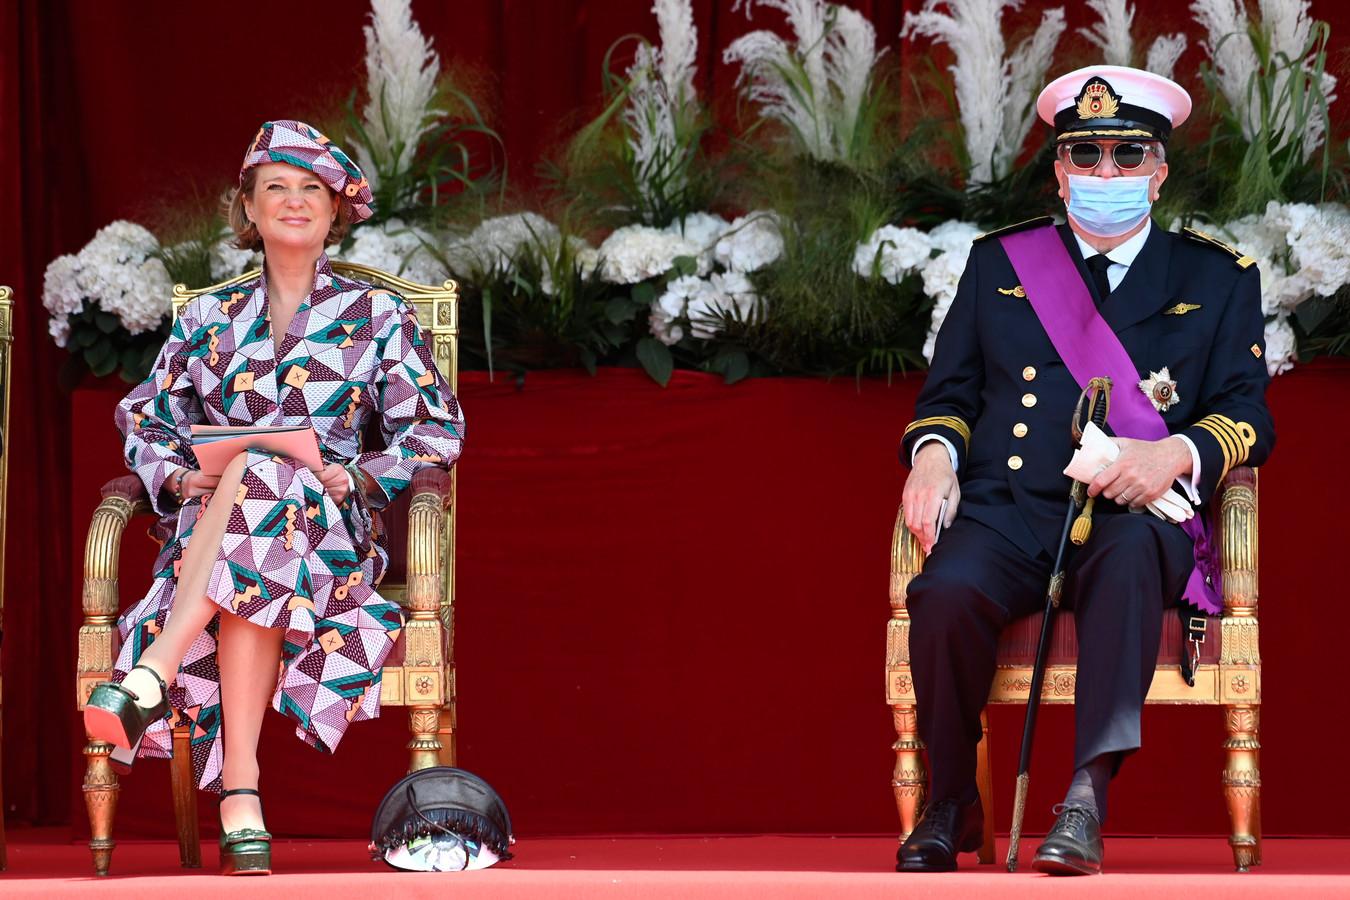 La princesse Delphine et le prince Laurent dans les tribunes du défilé militaire.